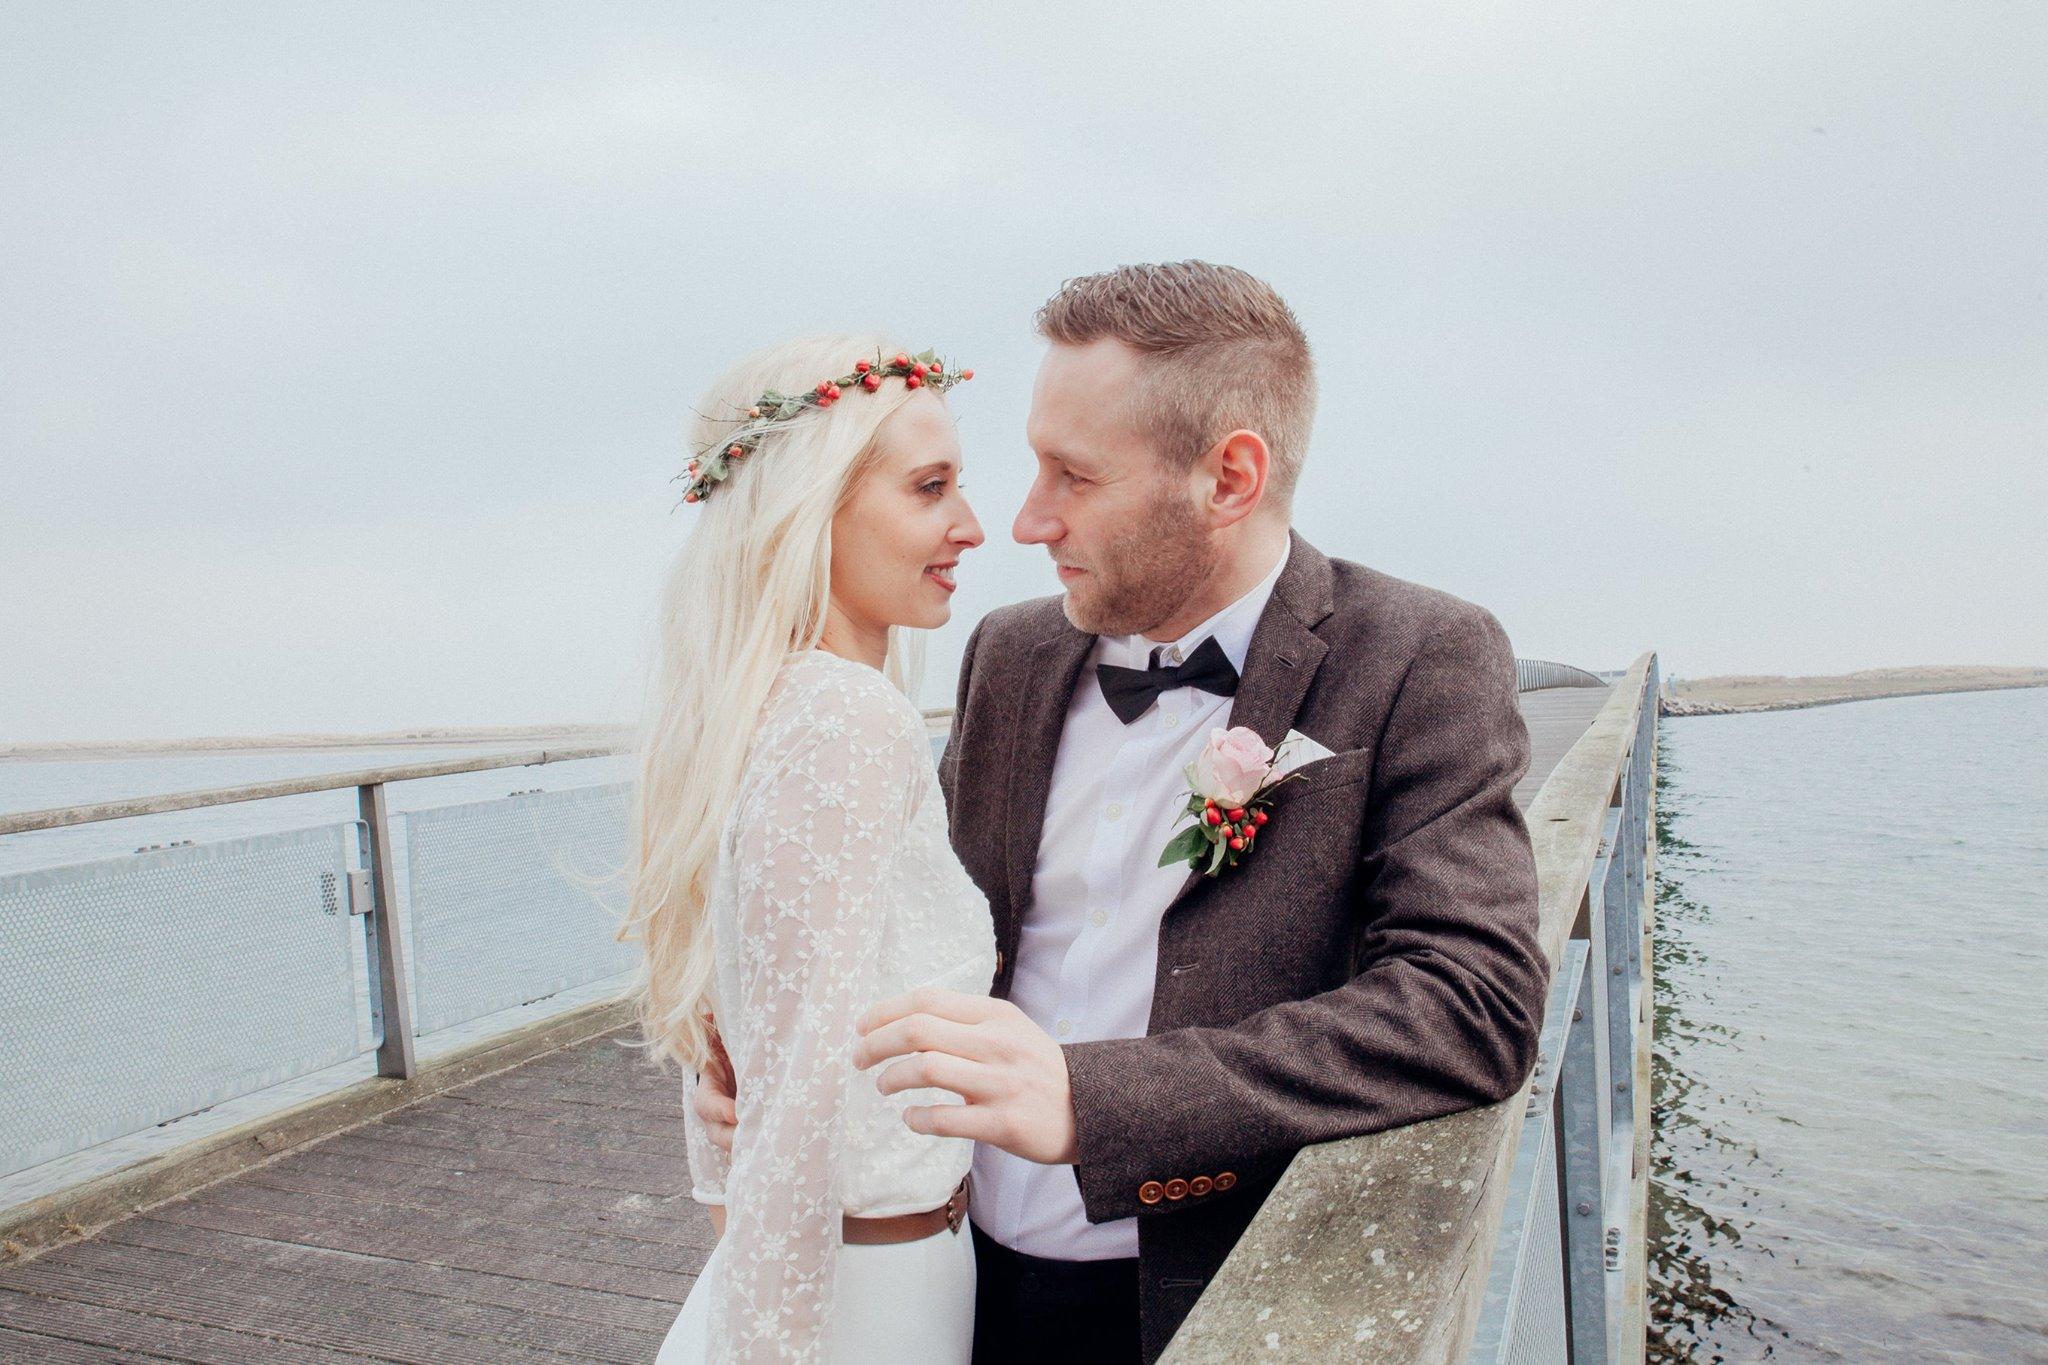 Wedding-in-Denmark-Marriage-Copenhagen-Photographers-6